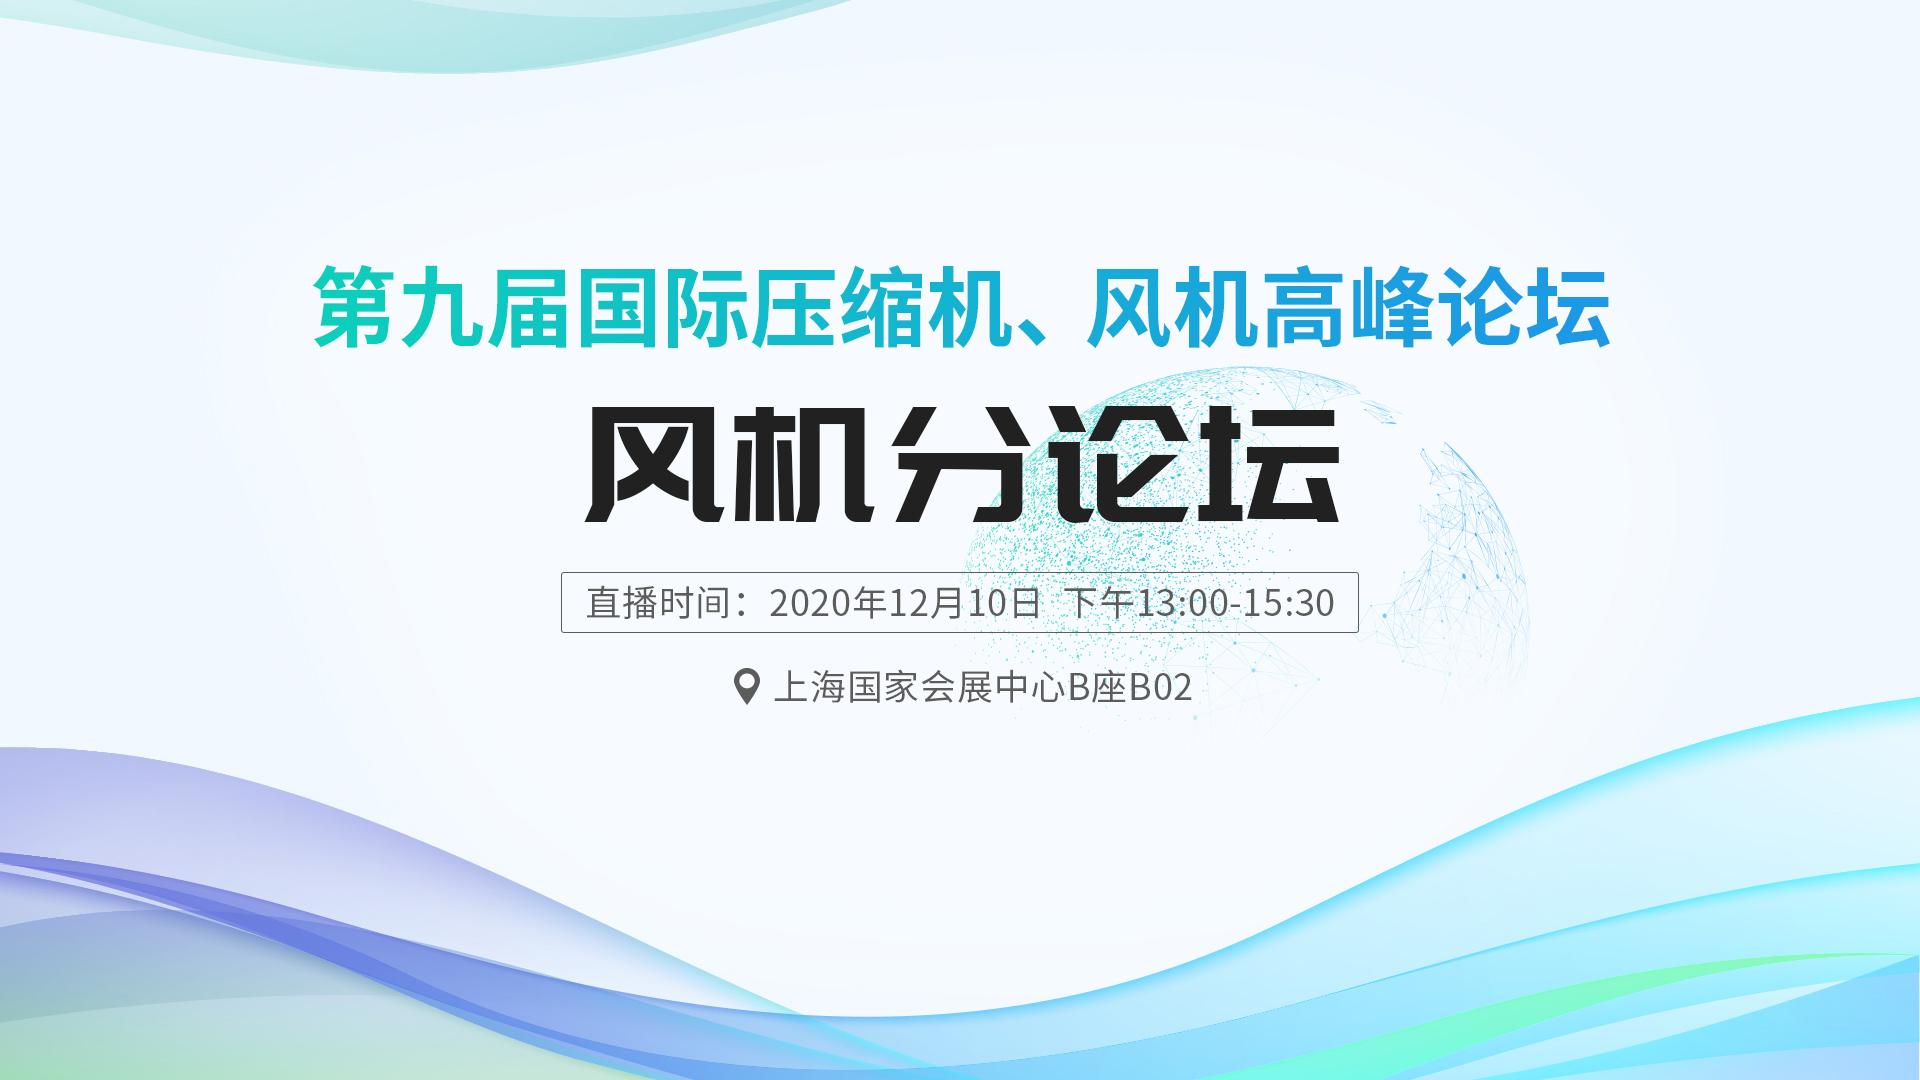 【风机分论坛】第九届国际压缩机、风机高峰论坛